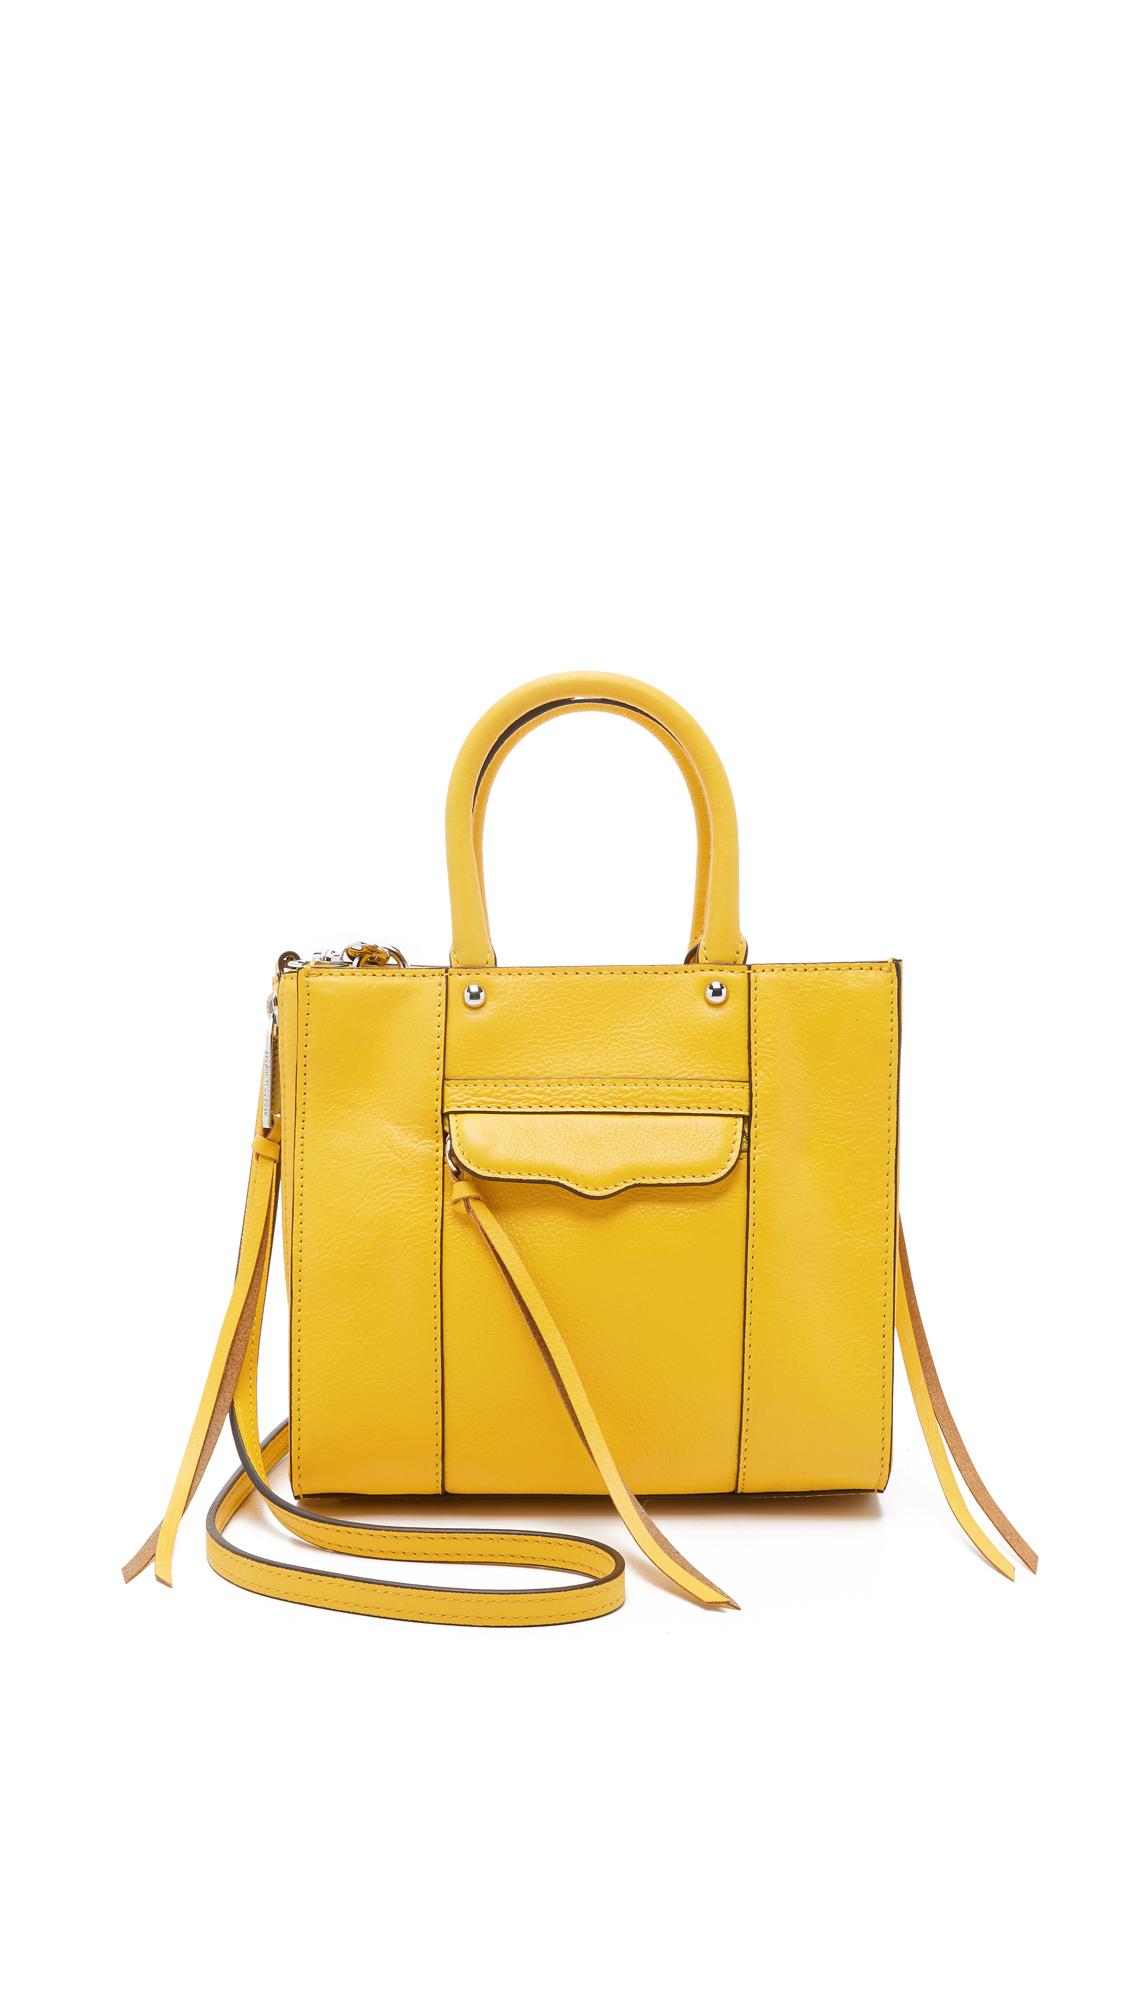 2b3ff9c68b Rebecca Minkoff Side Zip Mini Mab Tote in Yellow - Lyst